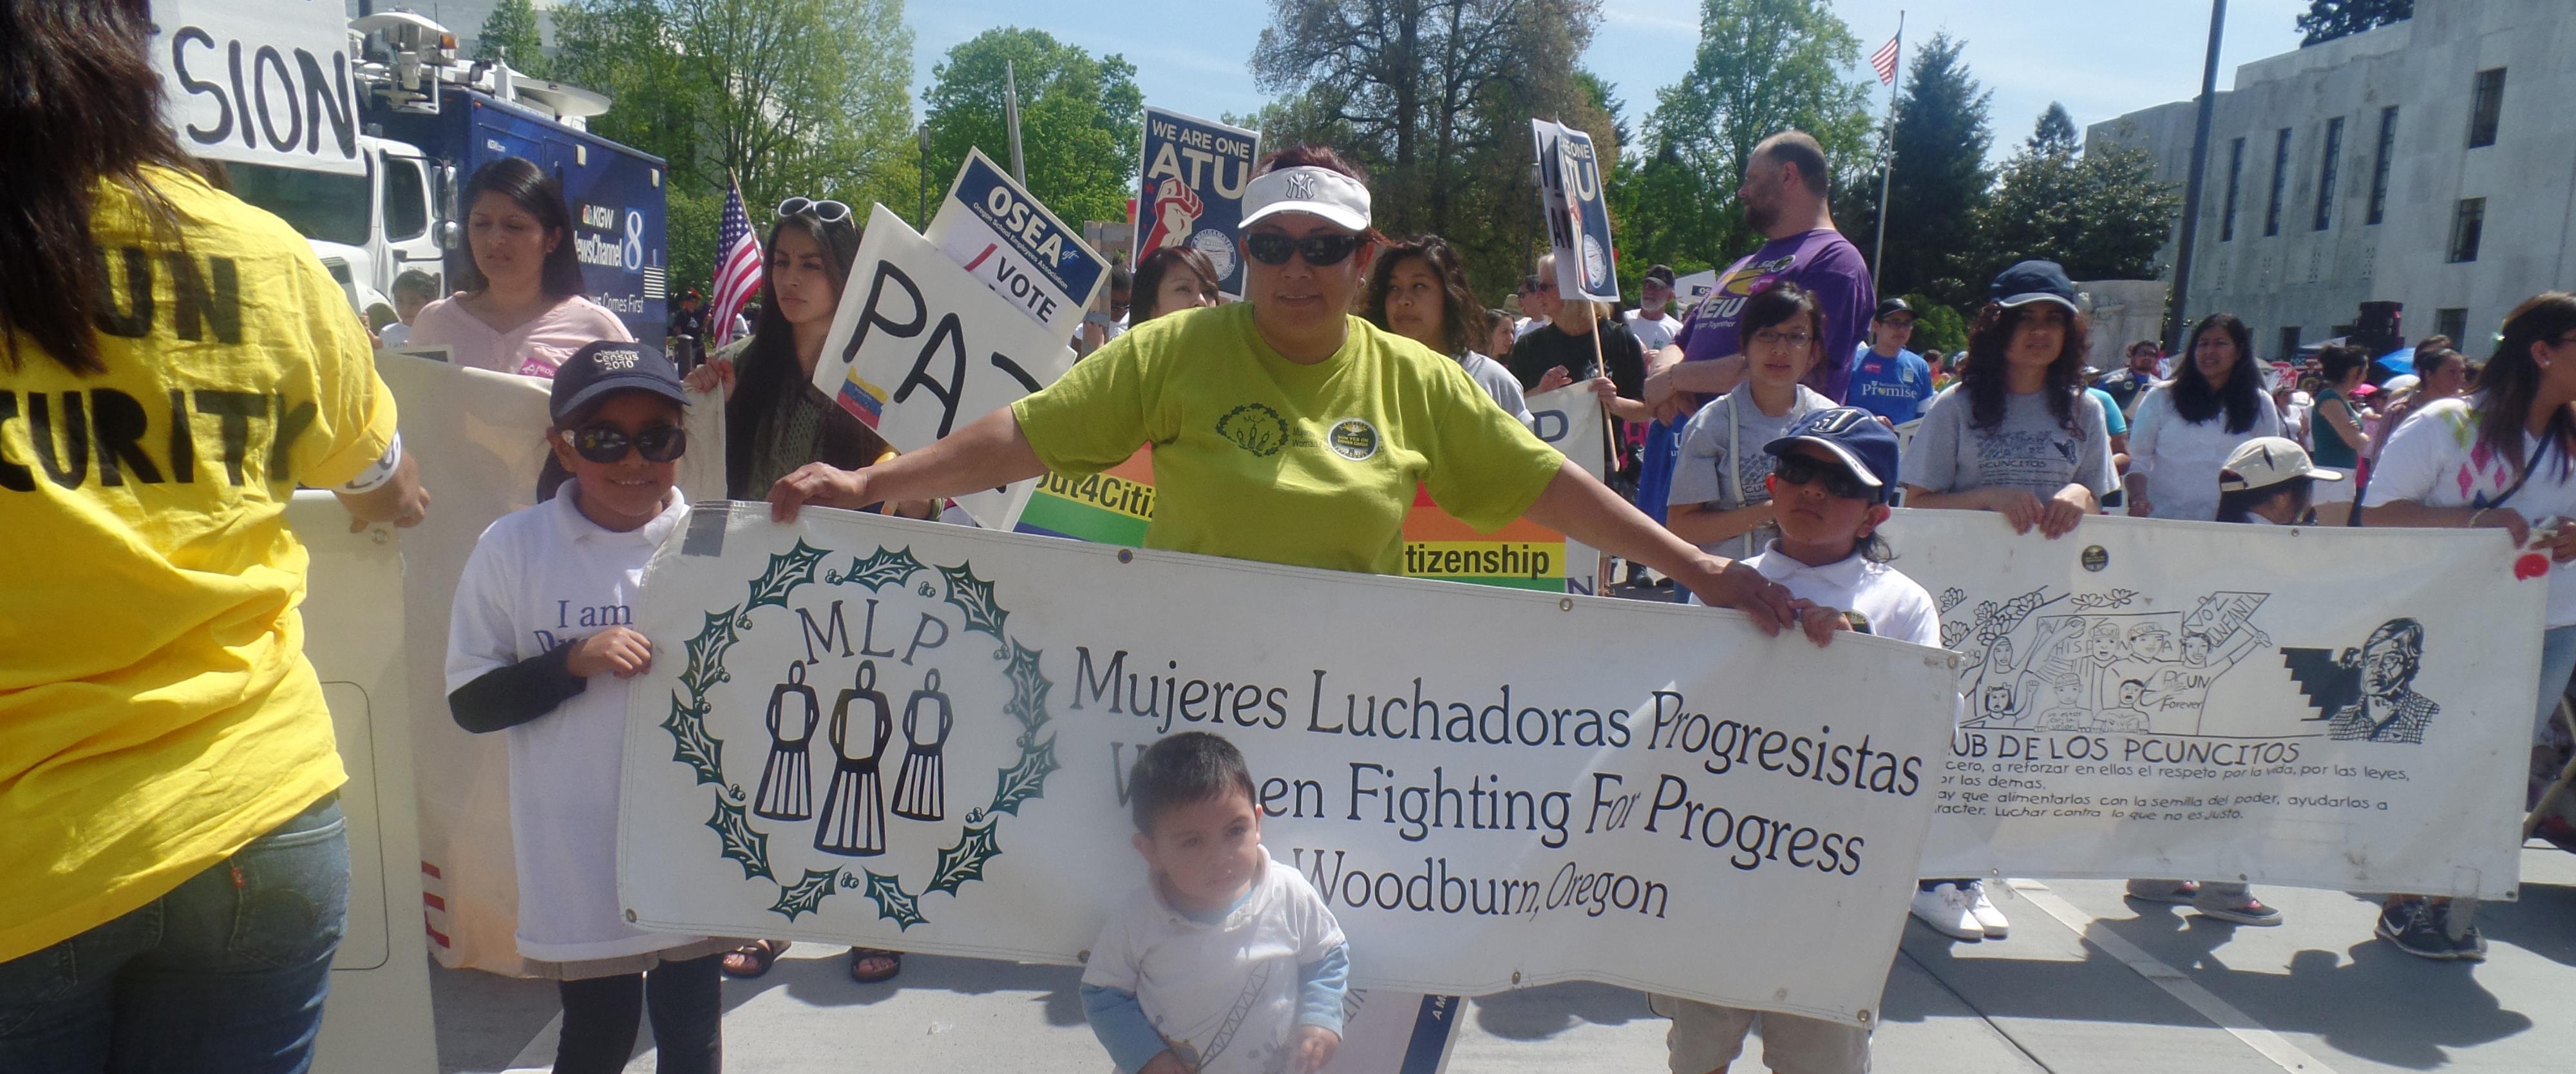 Mujeres Luchadoras Progresistas at a rally